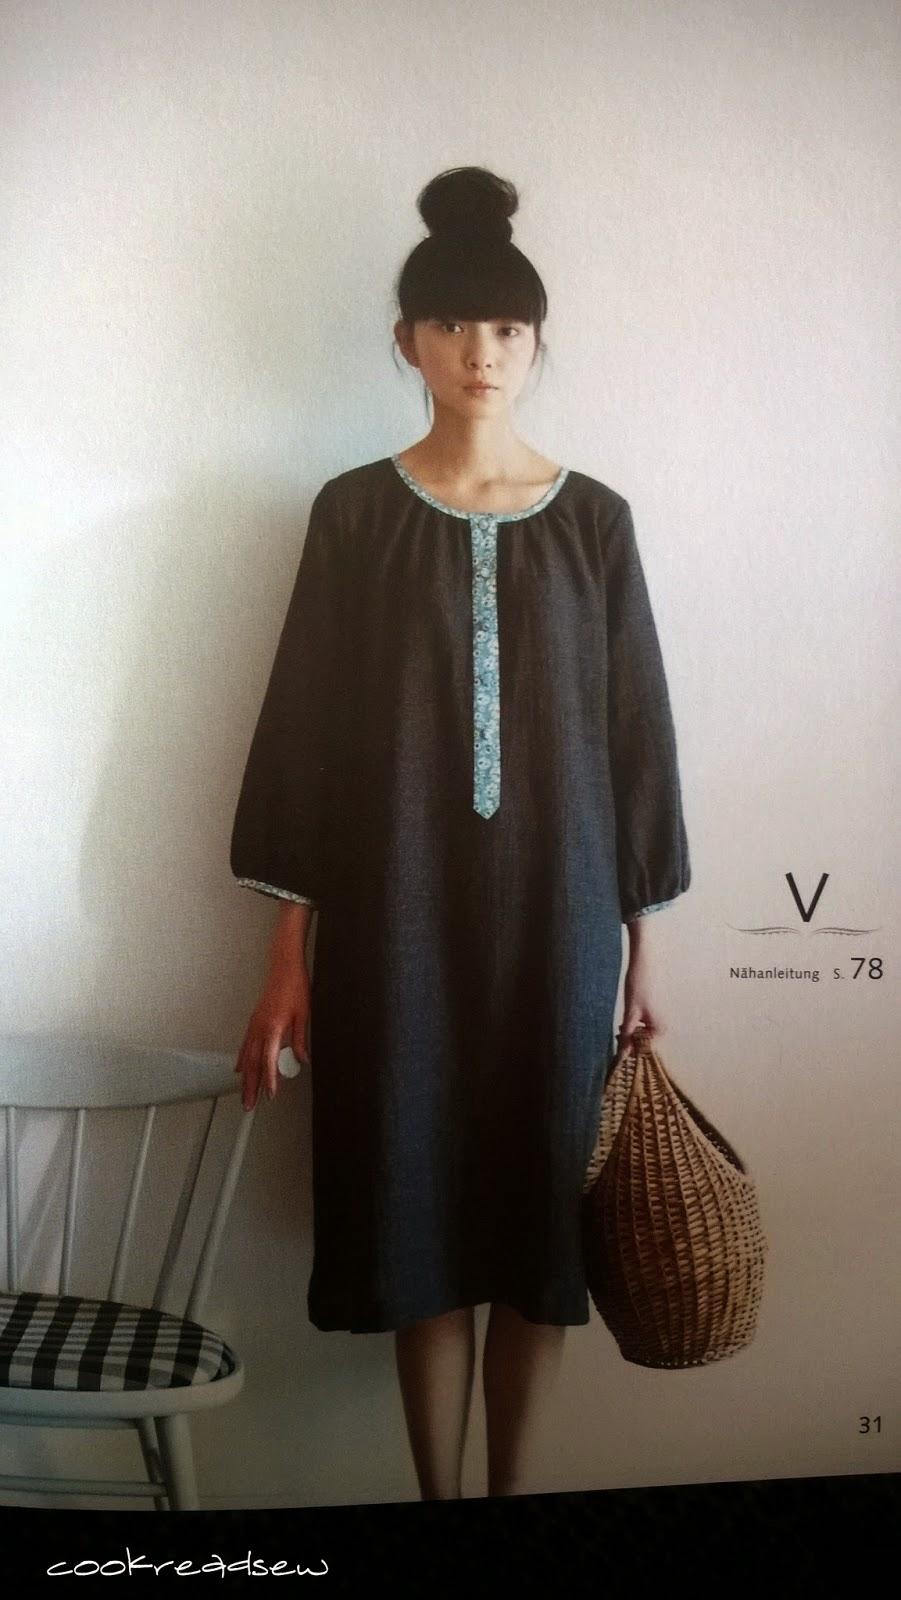 cookreadsew yoshiko tsukiori kleider und tops zum kombinieren. Black Bedroom Furniture Sets. Home Design Ideas